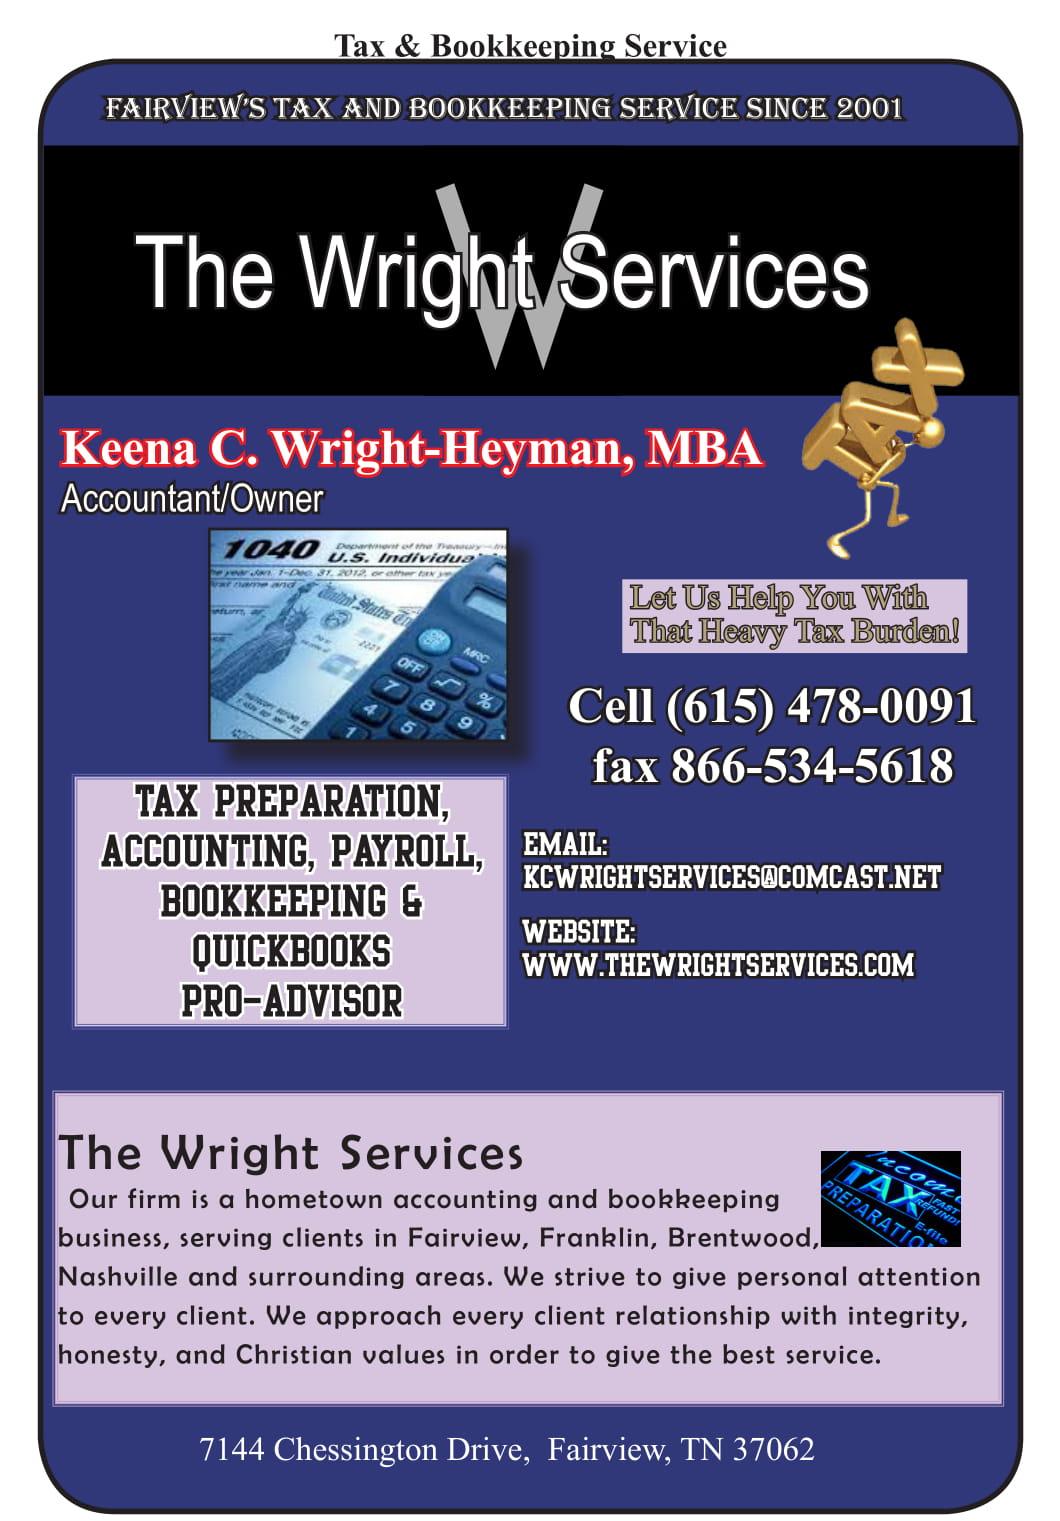 The Wright Services – Keena C Wright-Heyman, MBA